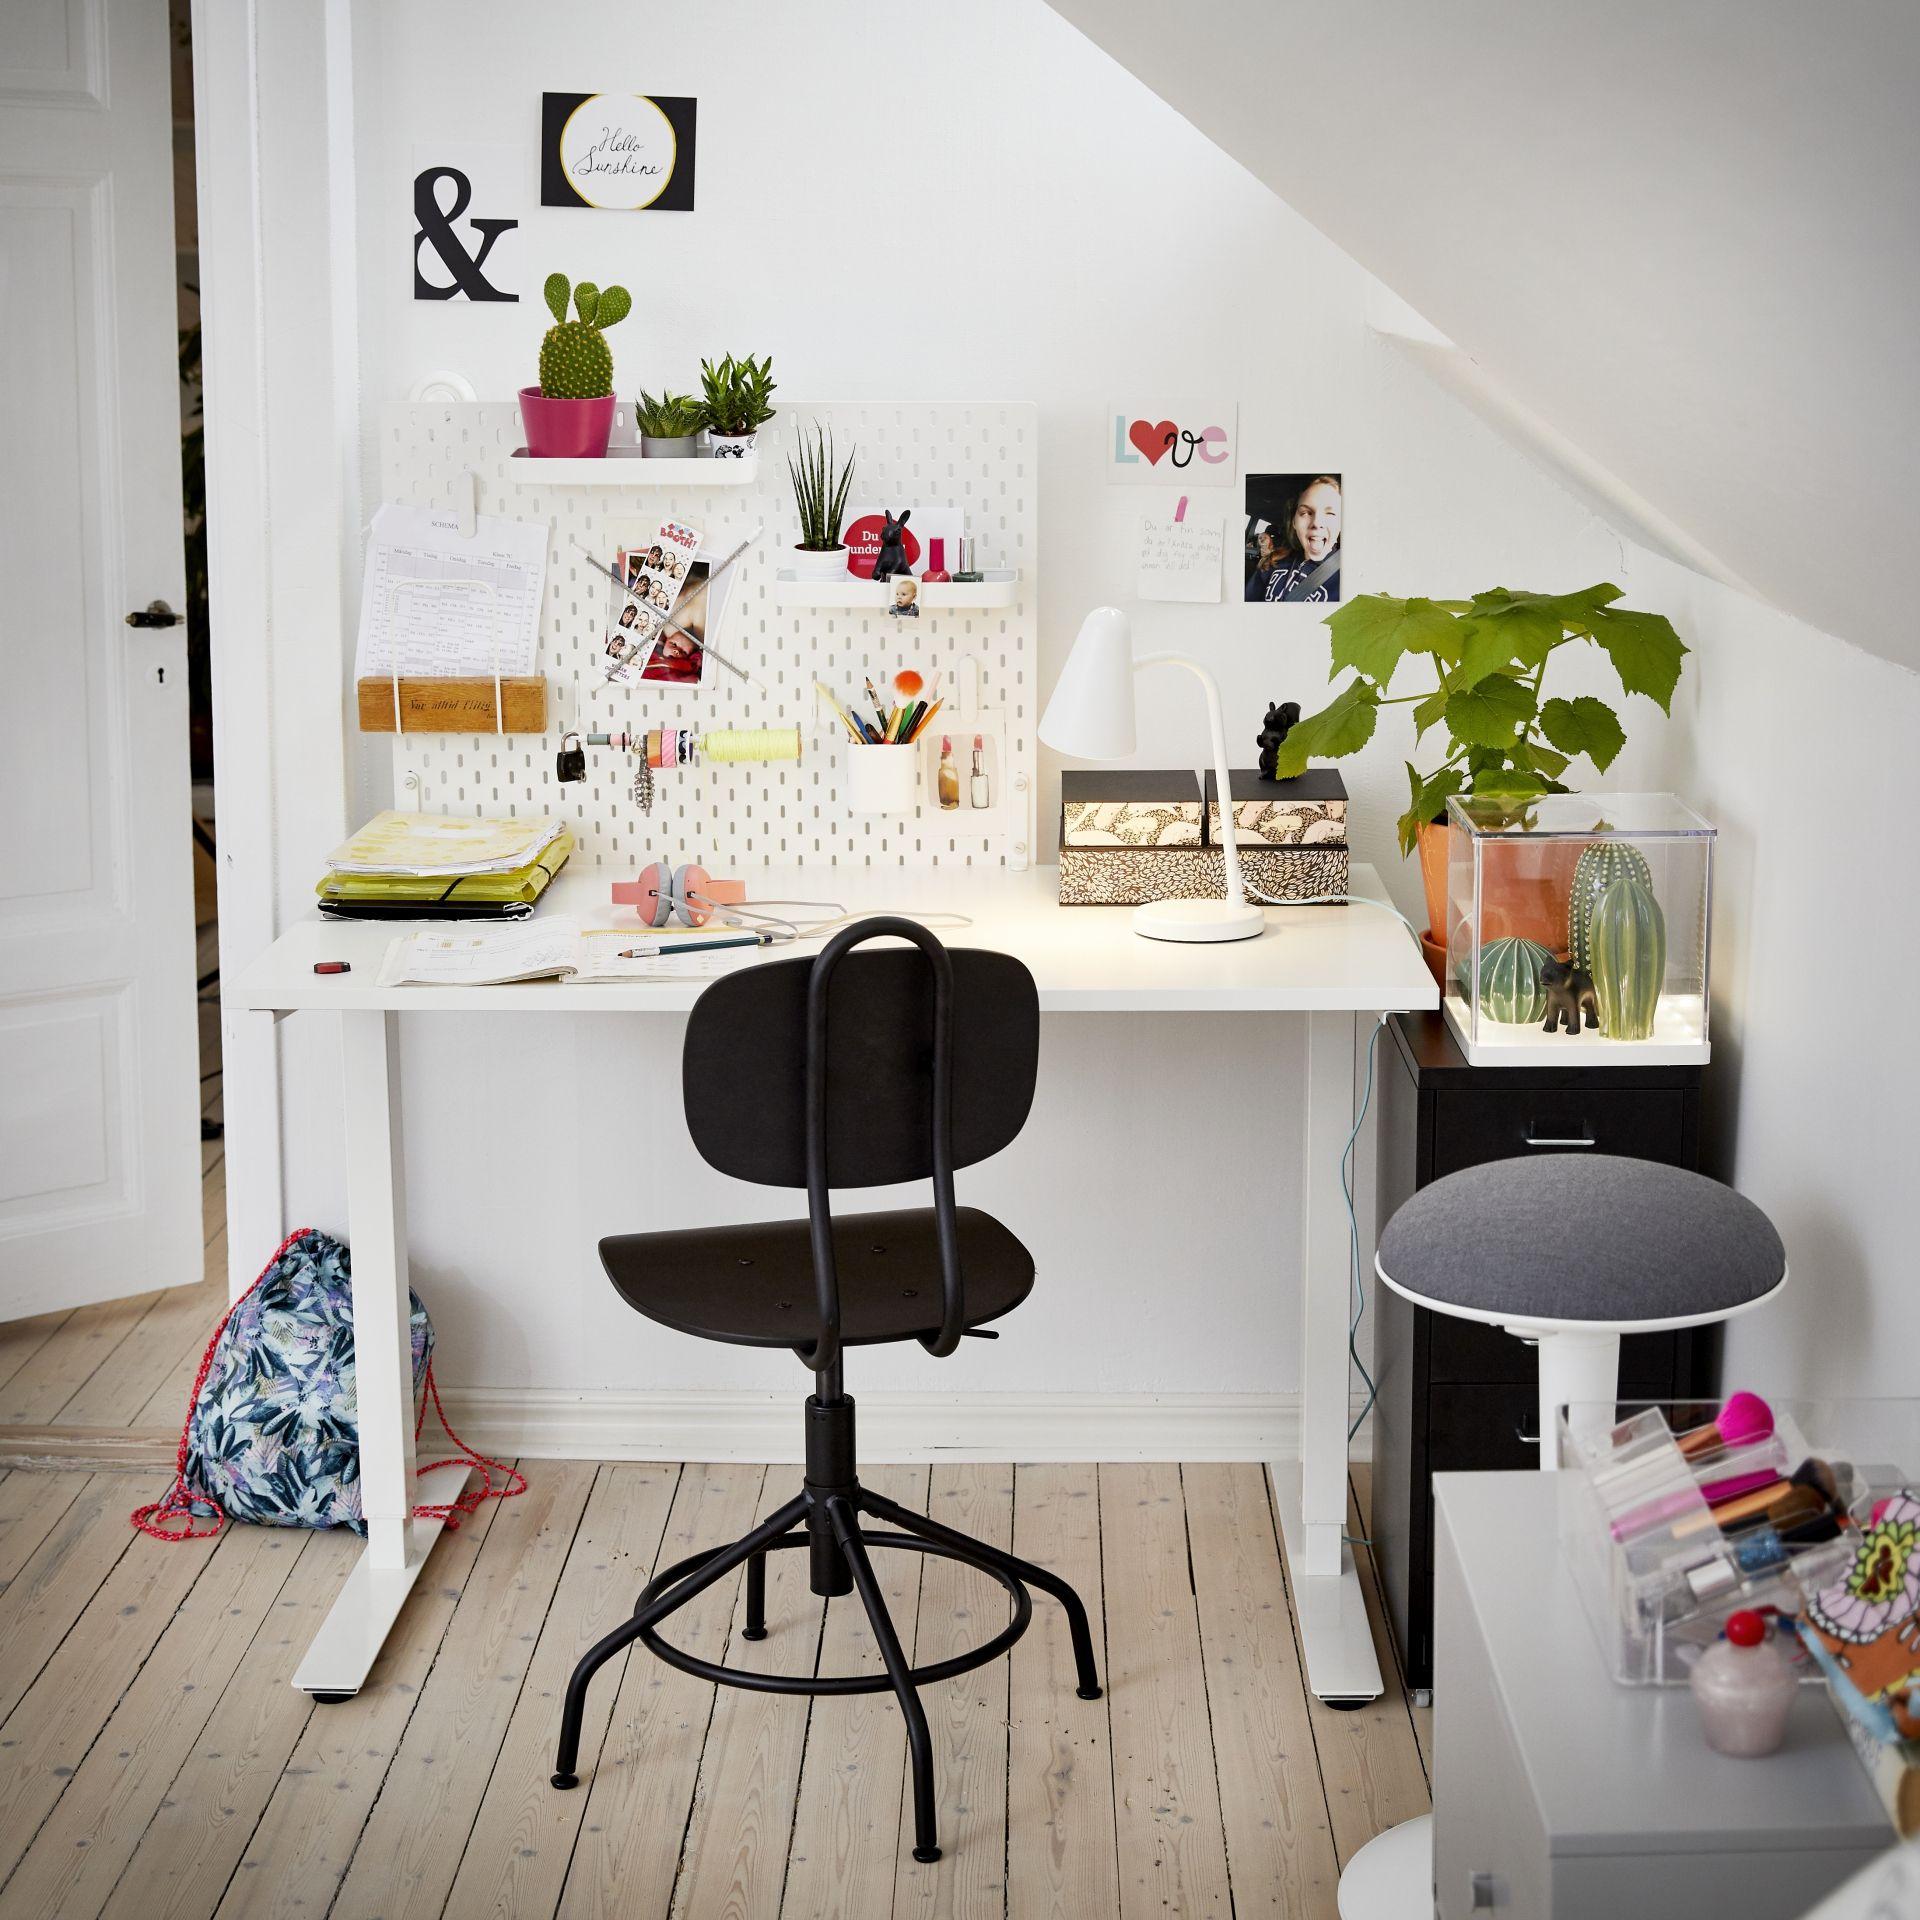 Ikea Bureaustoel Kind Wit.Skarsta Bureau Zit Sta Wit In 2019 Bureauruimte Bureaus